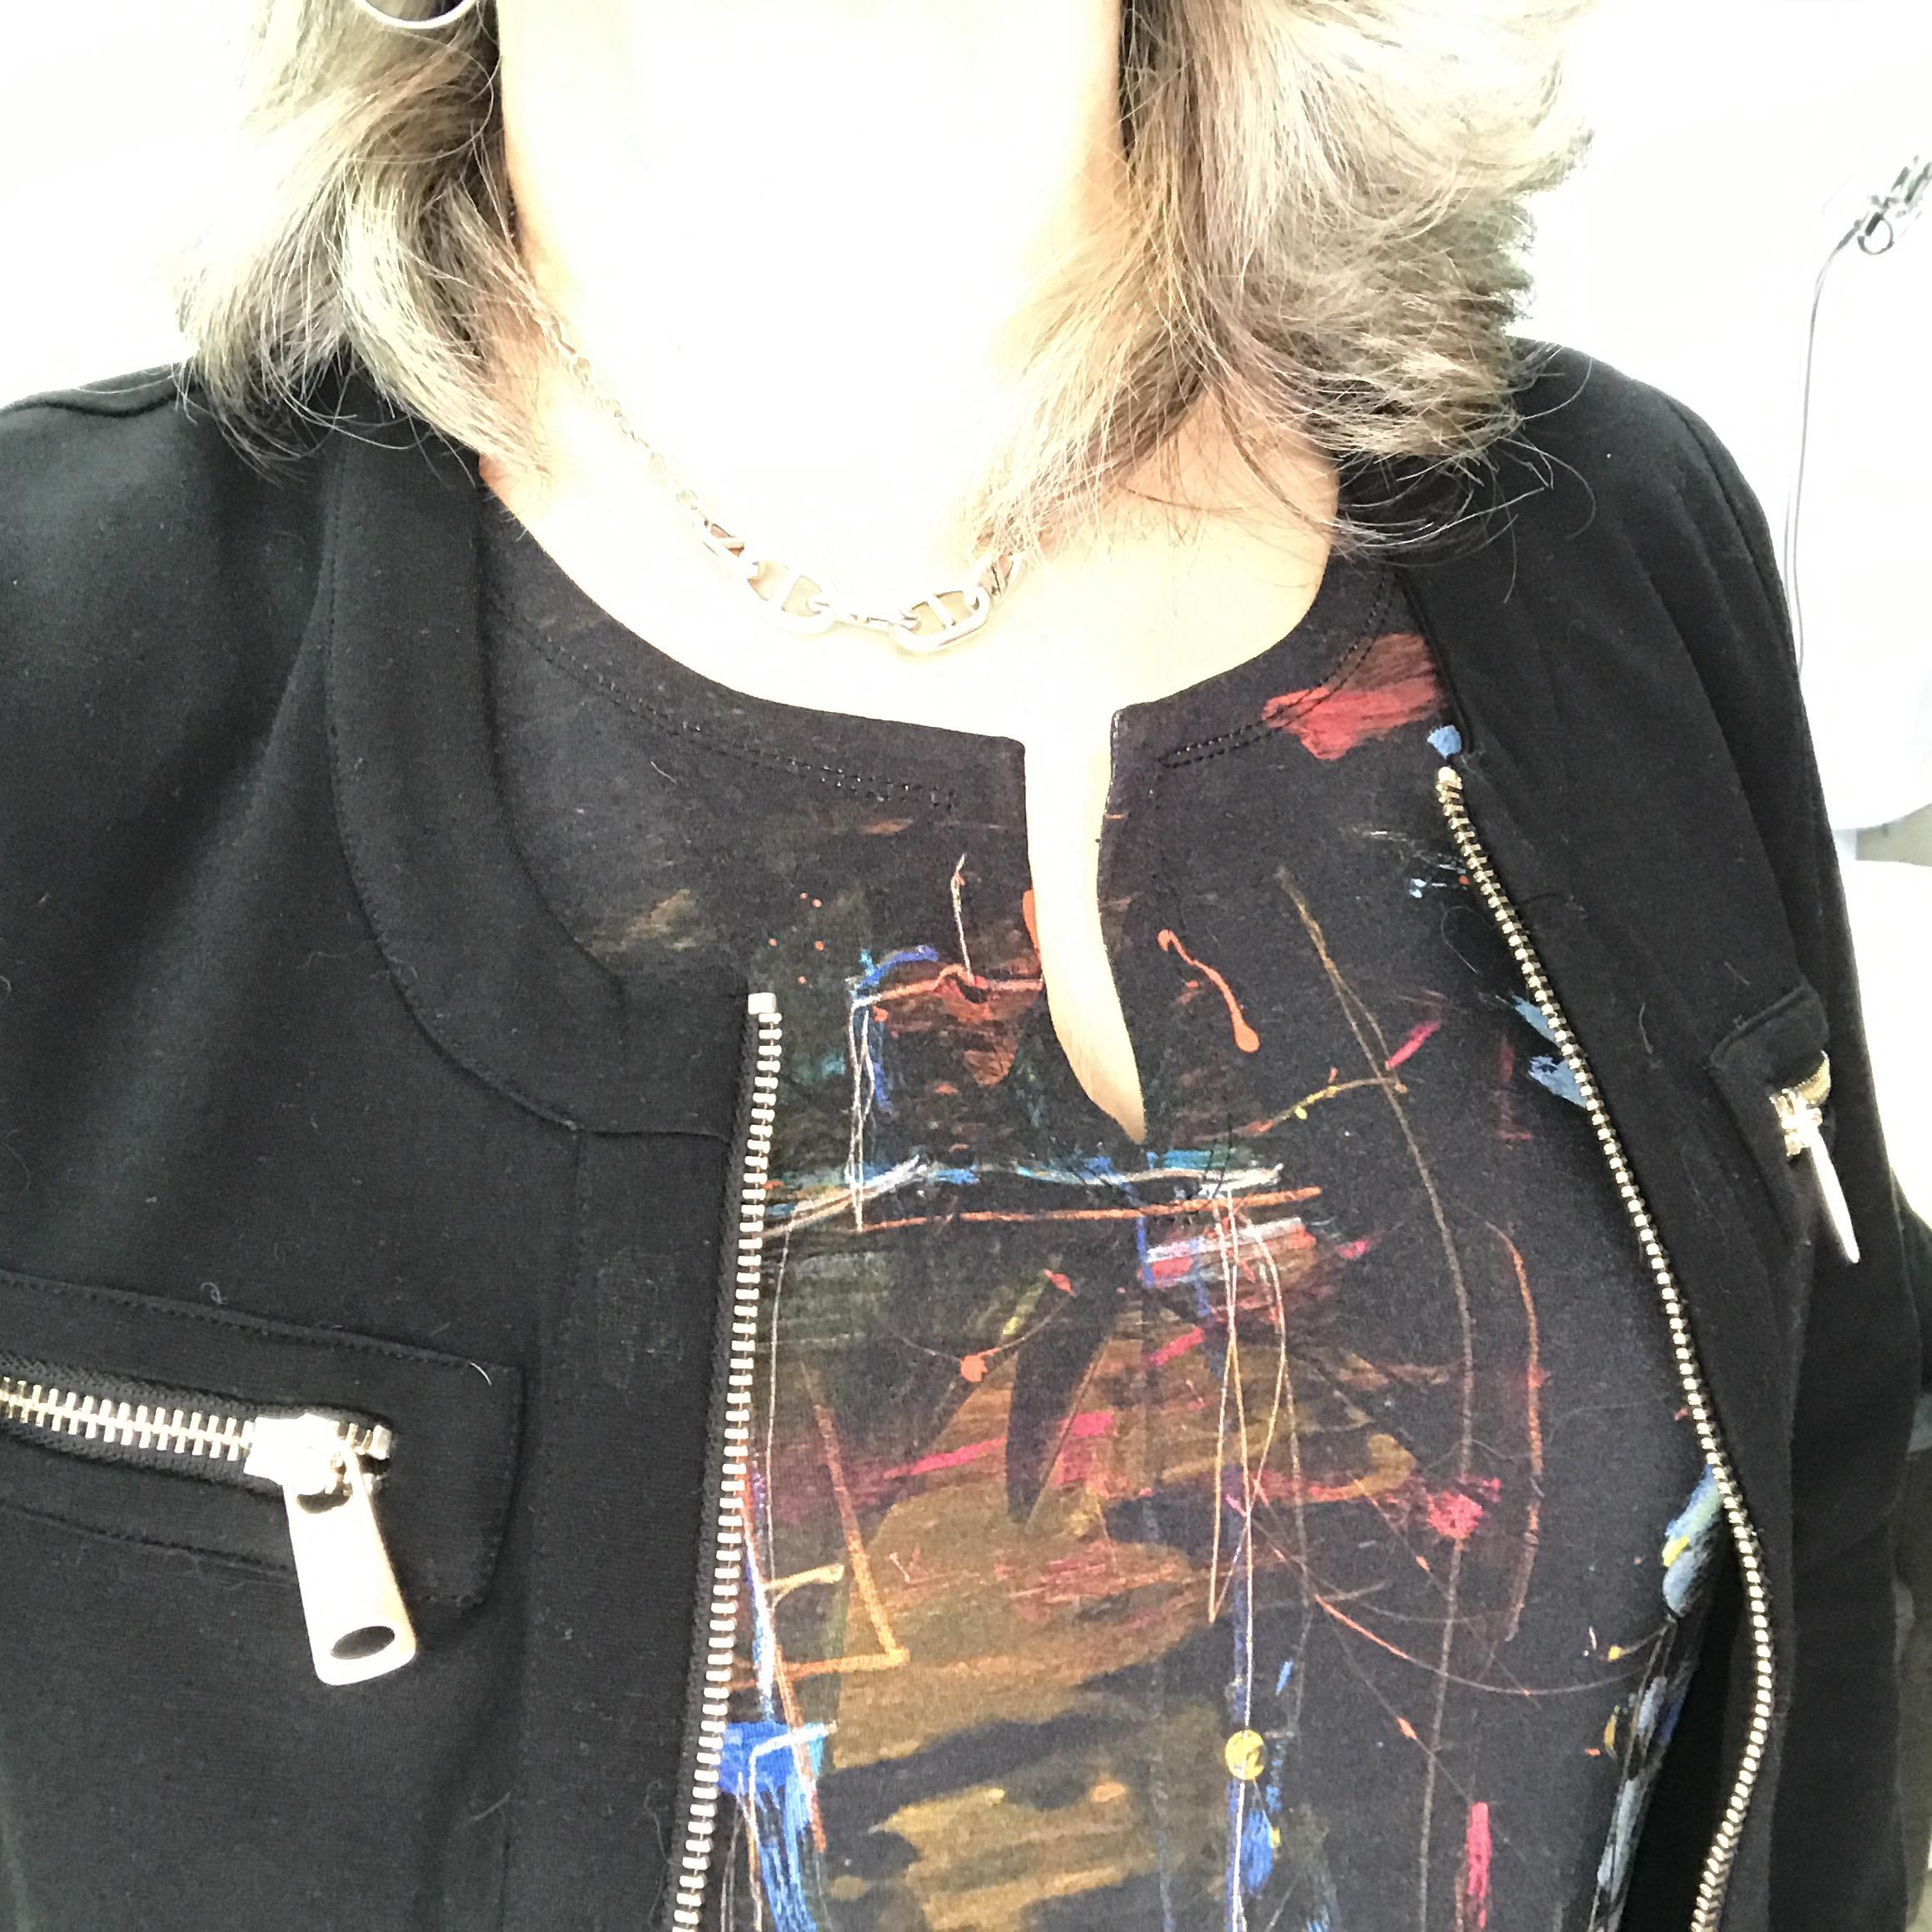 Idée look: ma jolie robe… BLEU D'AZUR!